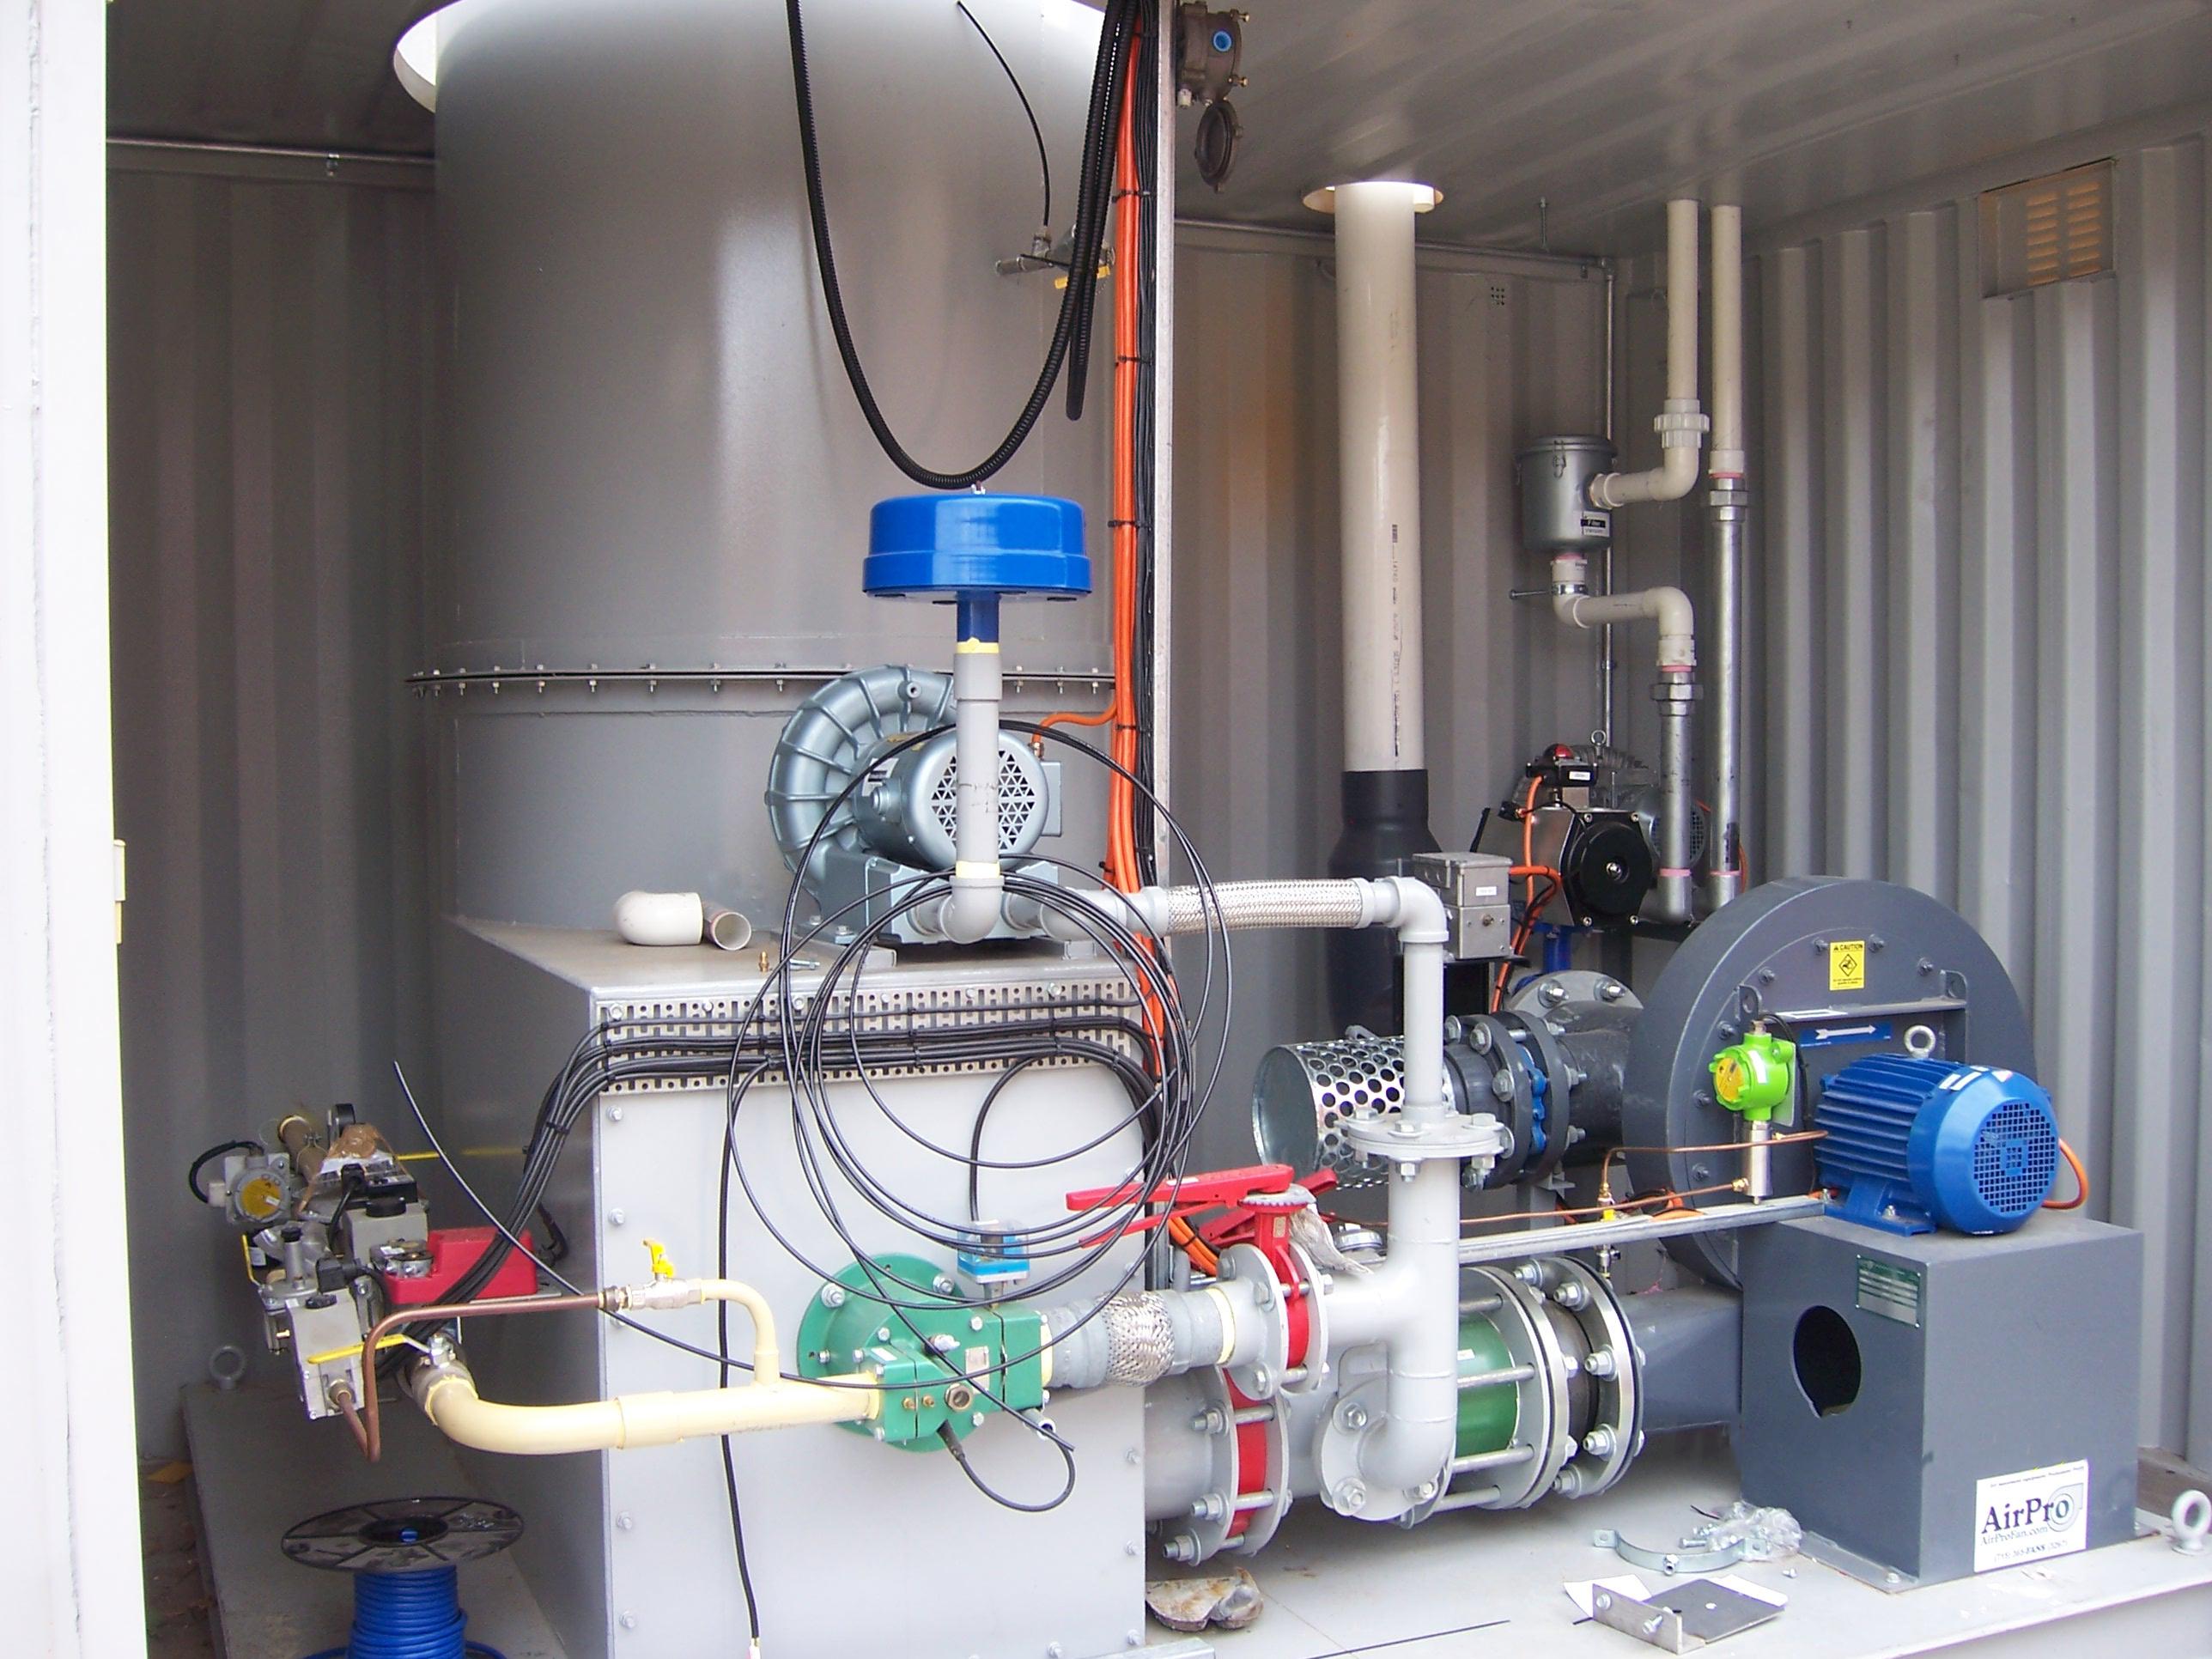 High Pressure Blower Radial Open AirPro Fan & Blower Co. #394969